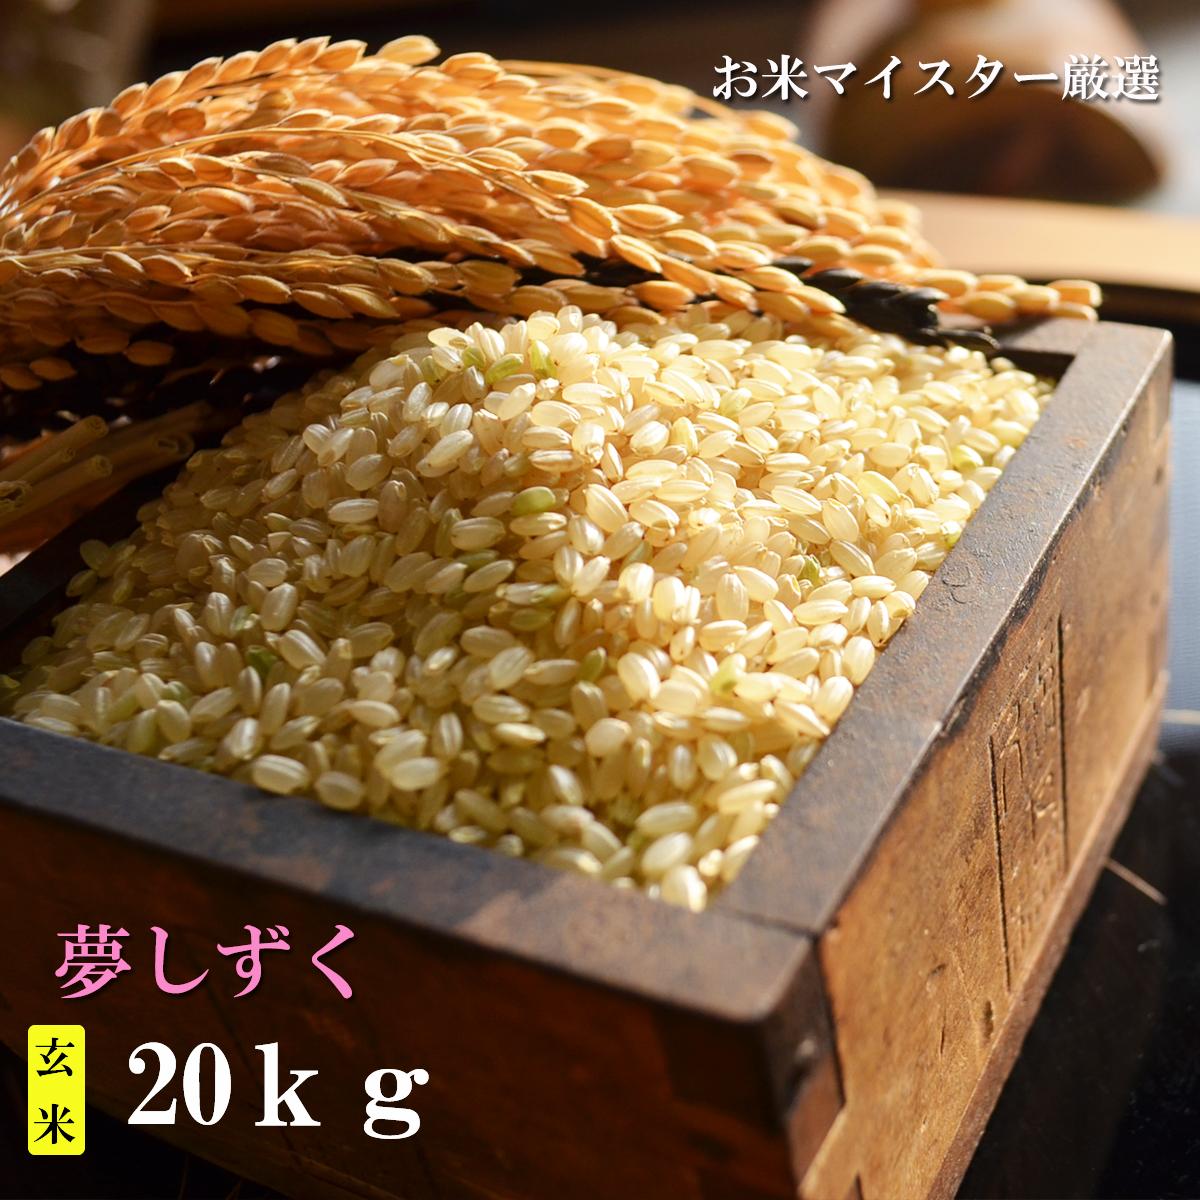 【ふるさと納税】D-31 【特A】鹿島市産夢しずく 玄米20kg